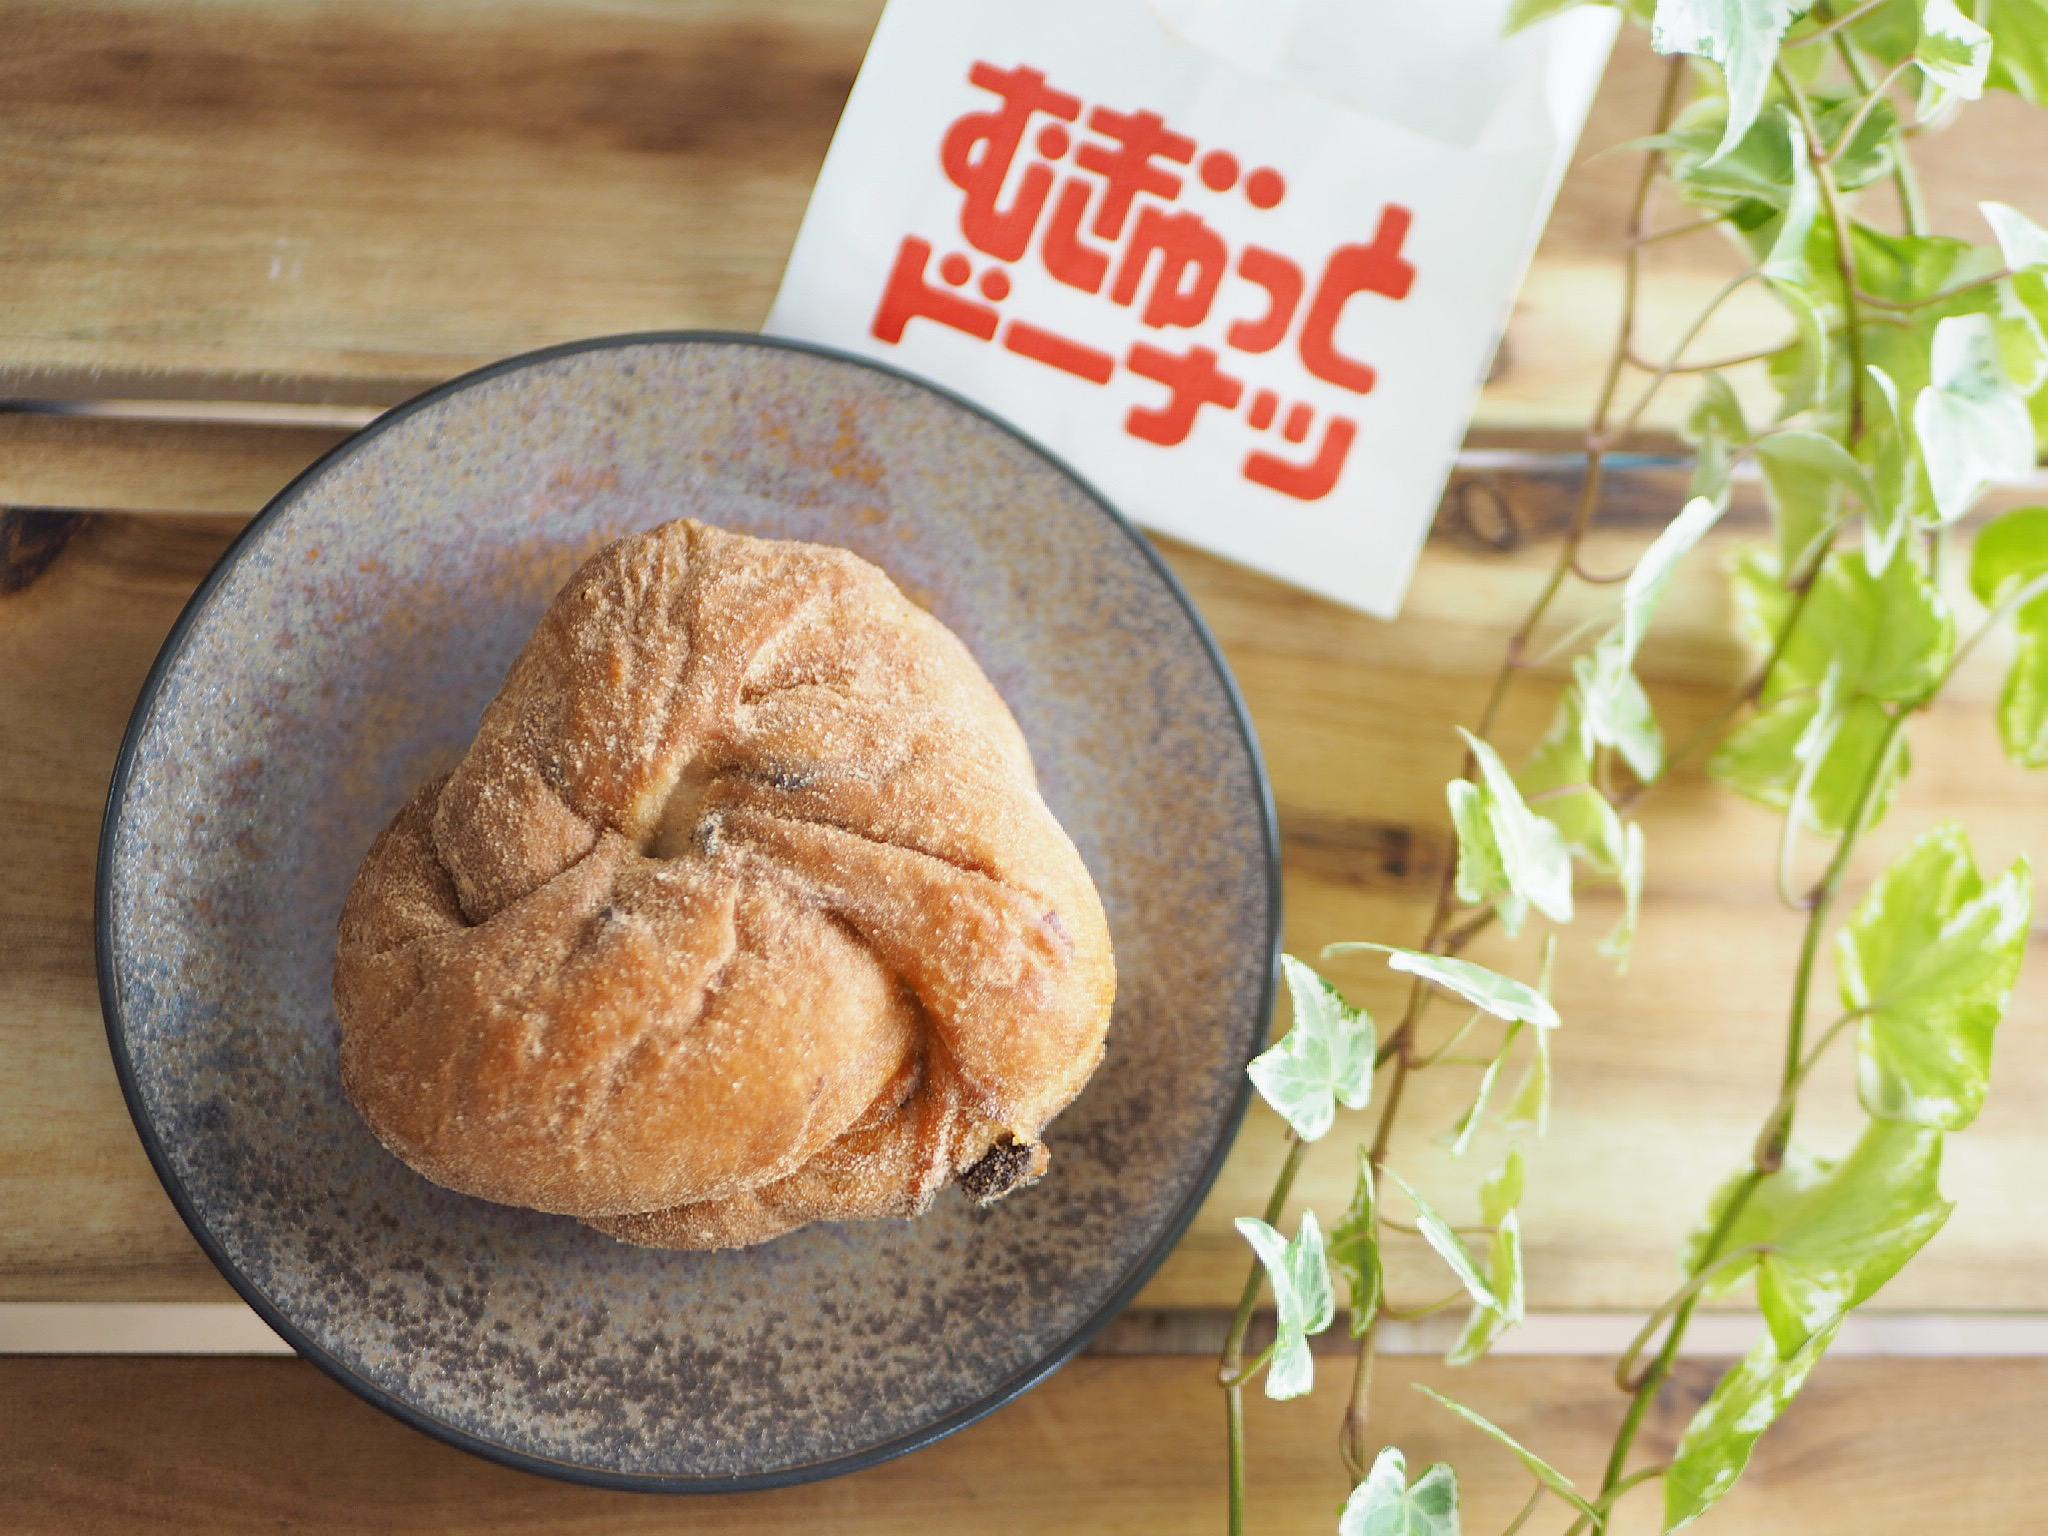 【ミスド新作】6/11発売!新食感の「むぎゅっとドーナツ」をレポ♡_9